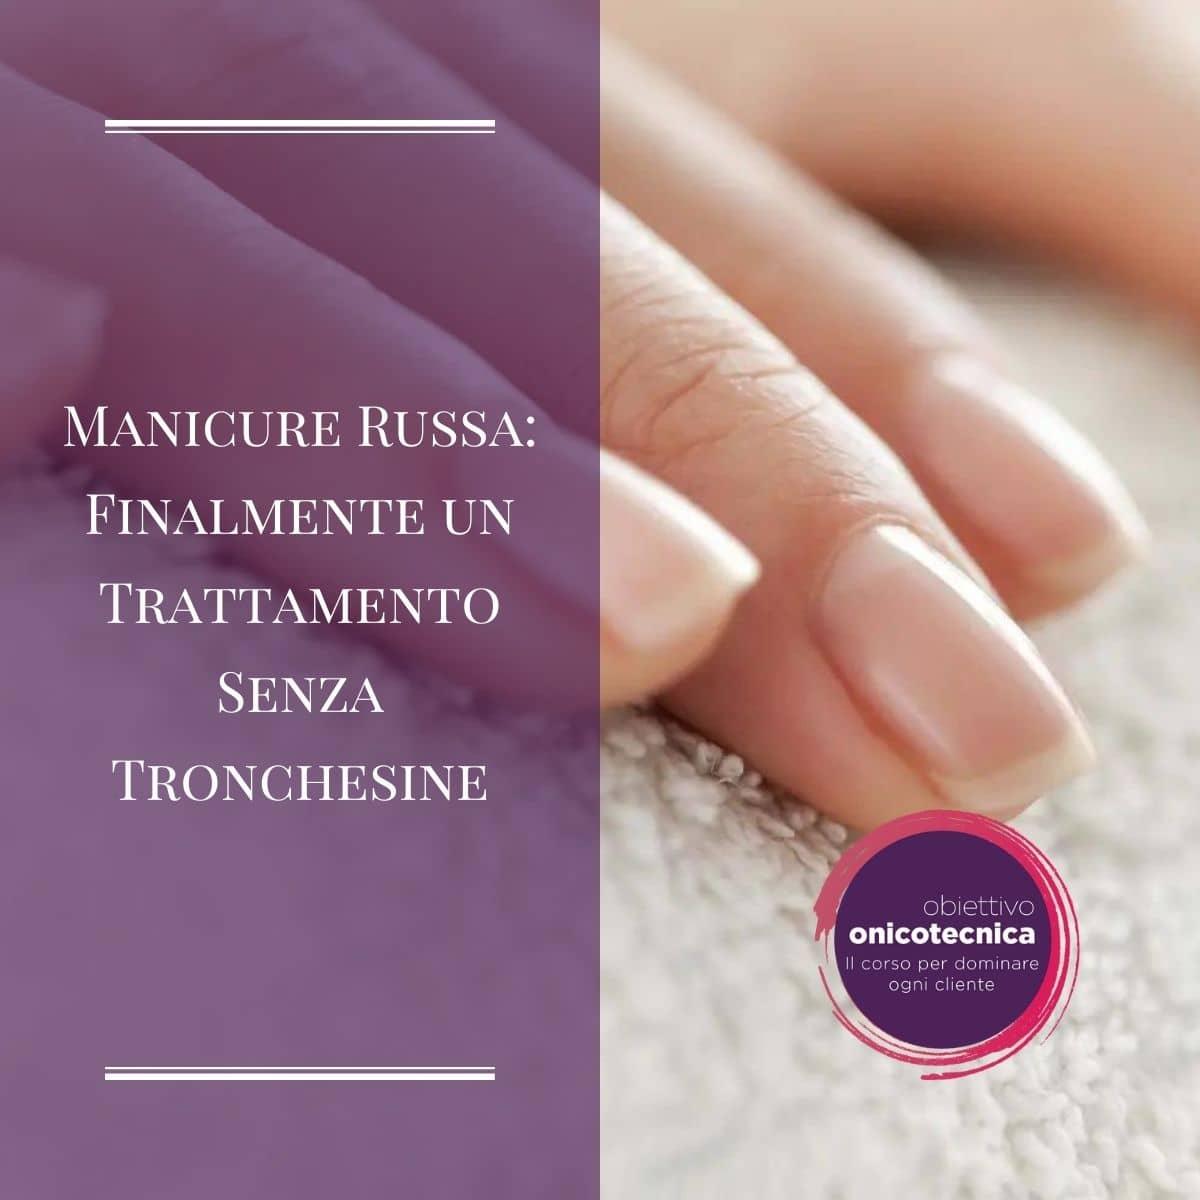 Manicure Russa: Finalmente un Trattamento Senza Tronchesine